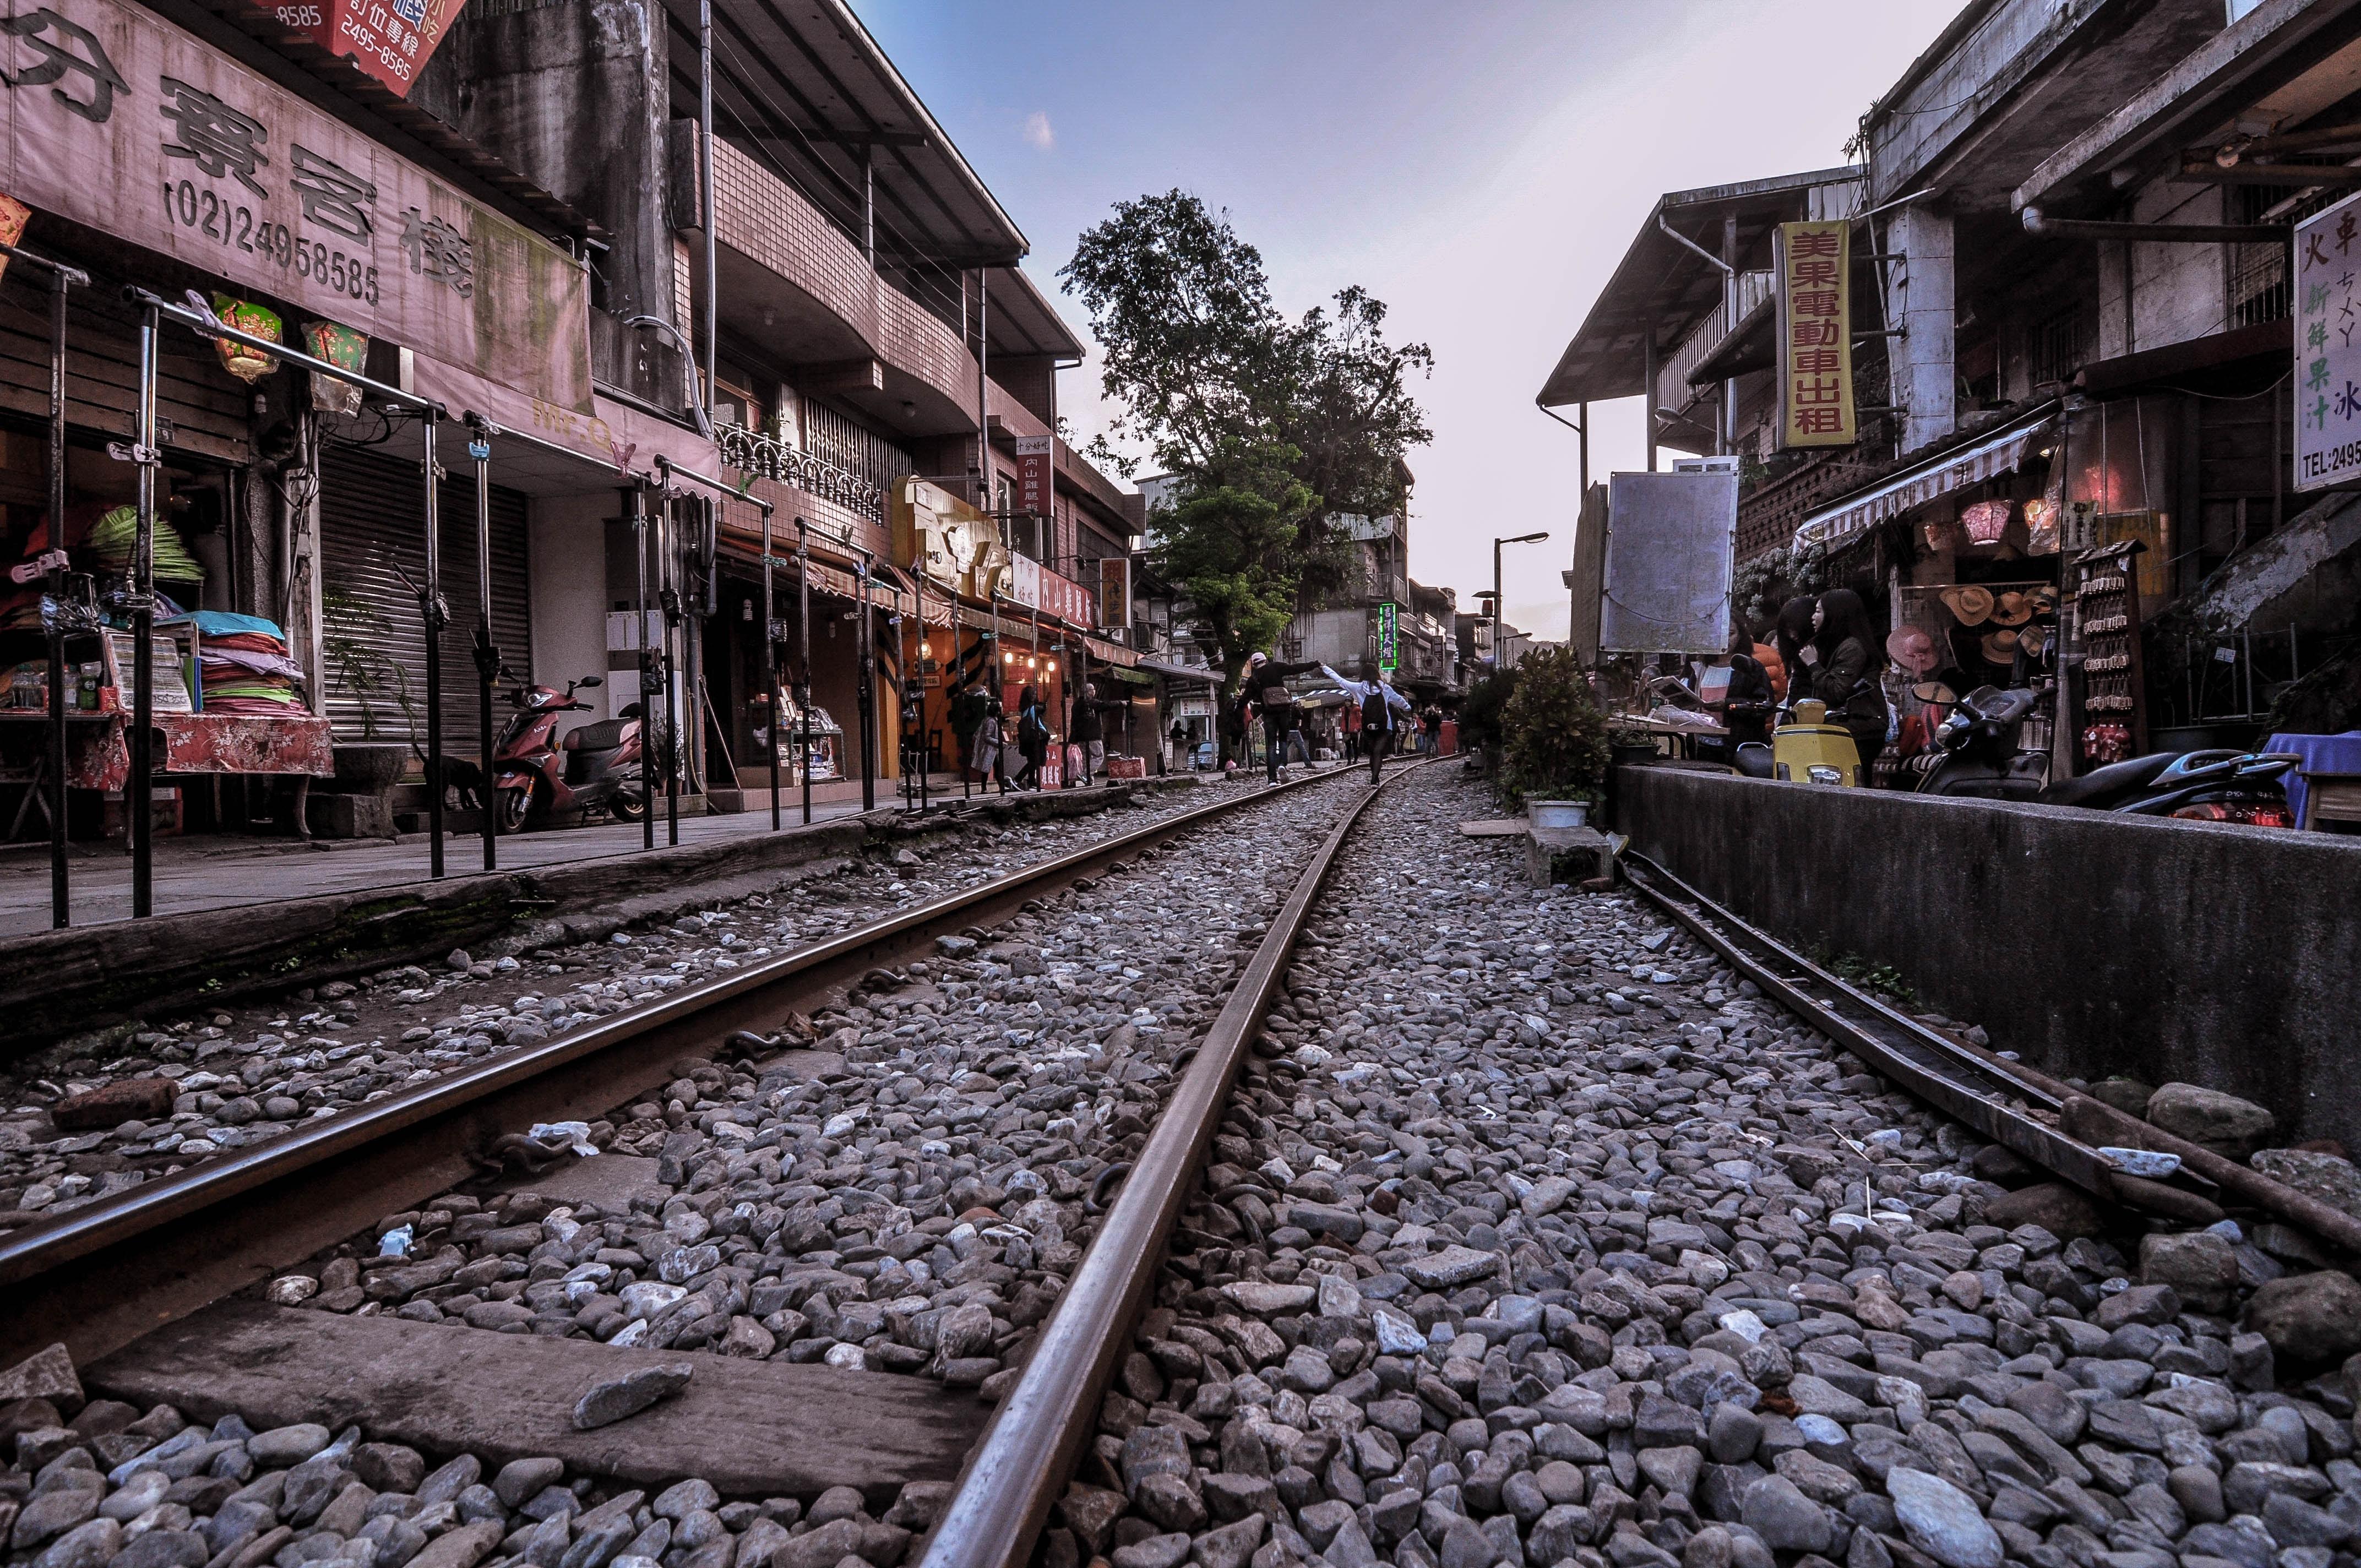 railway near houses